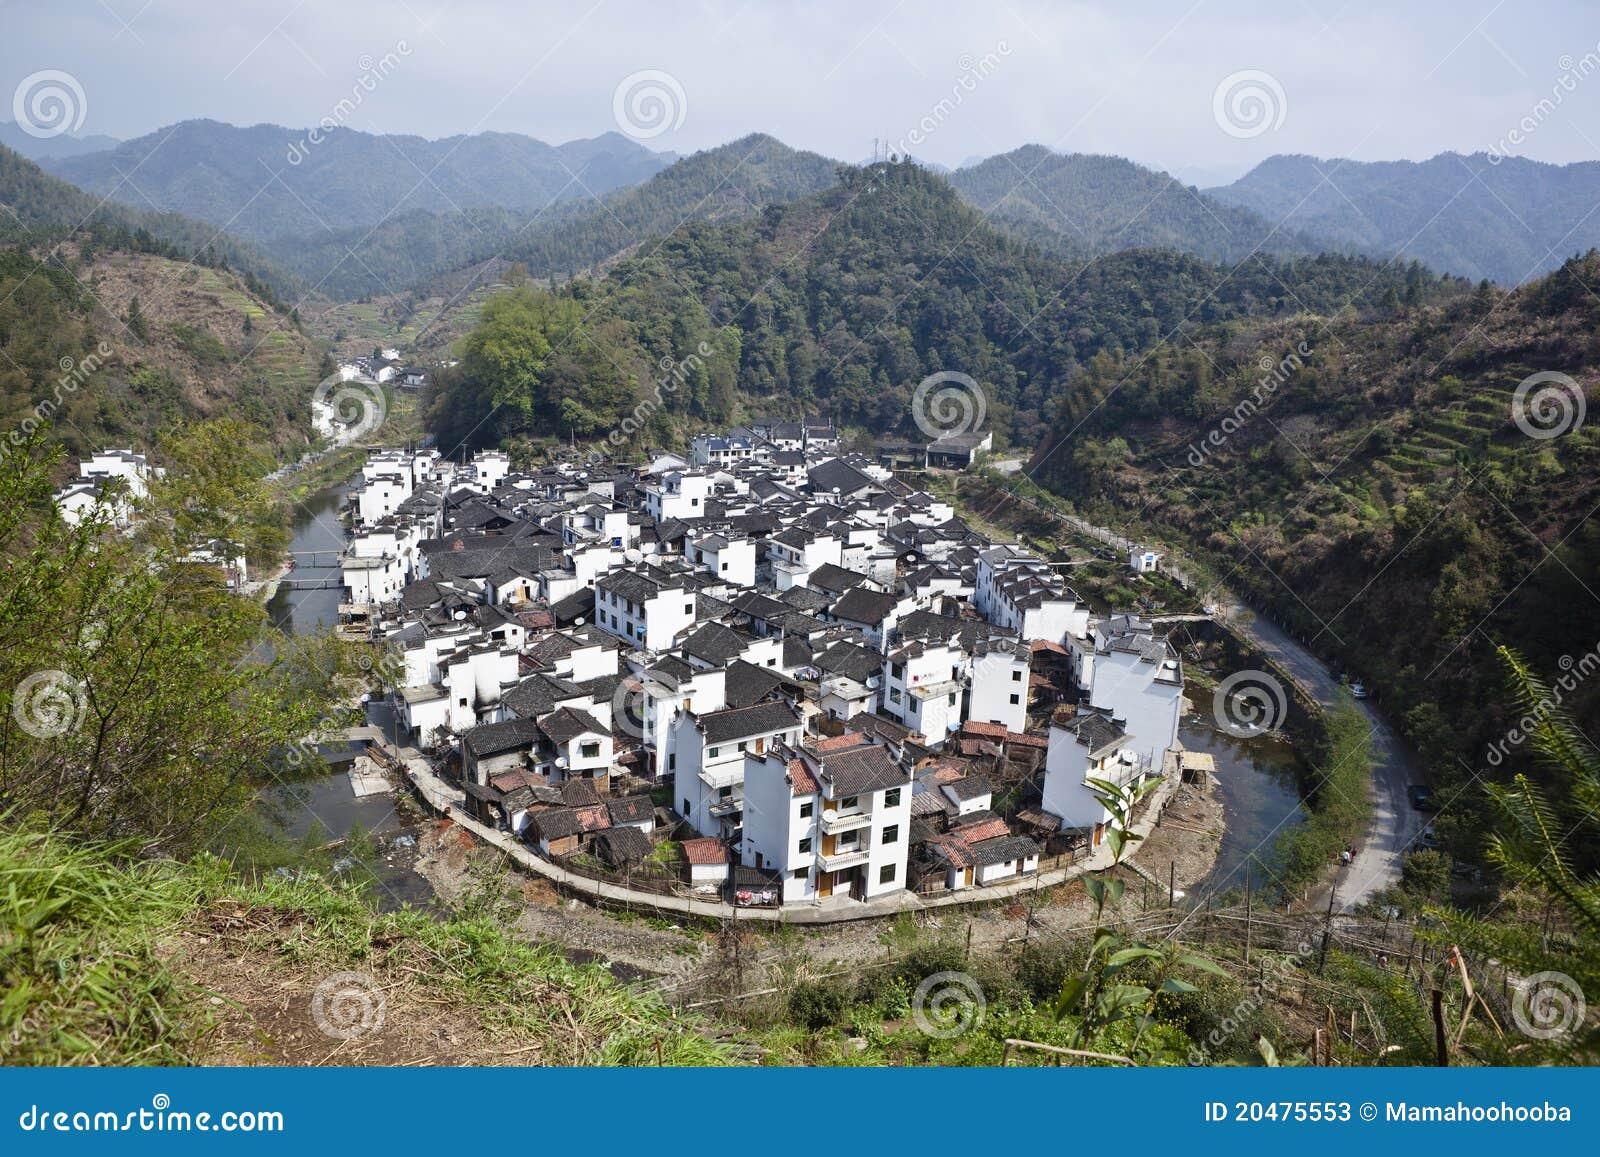 Wuyuan China  city photos : Wuyuan, China: Jujing Village Stock Photos Image: 20475553